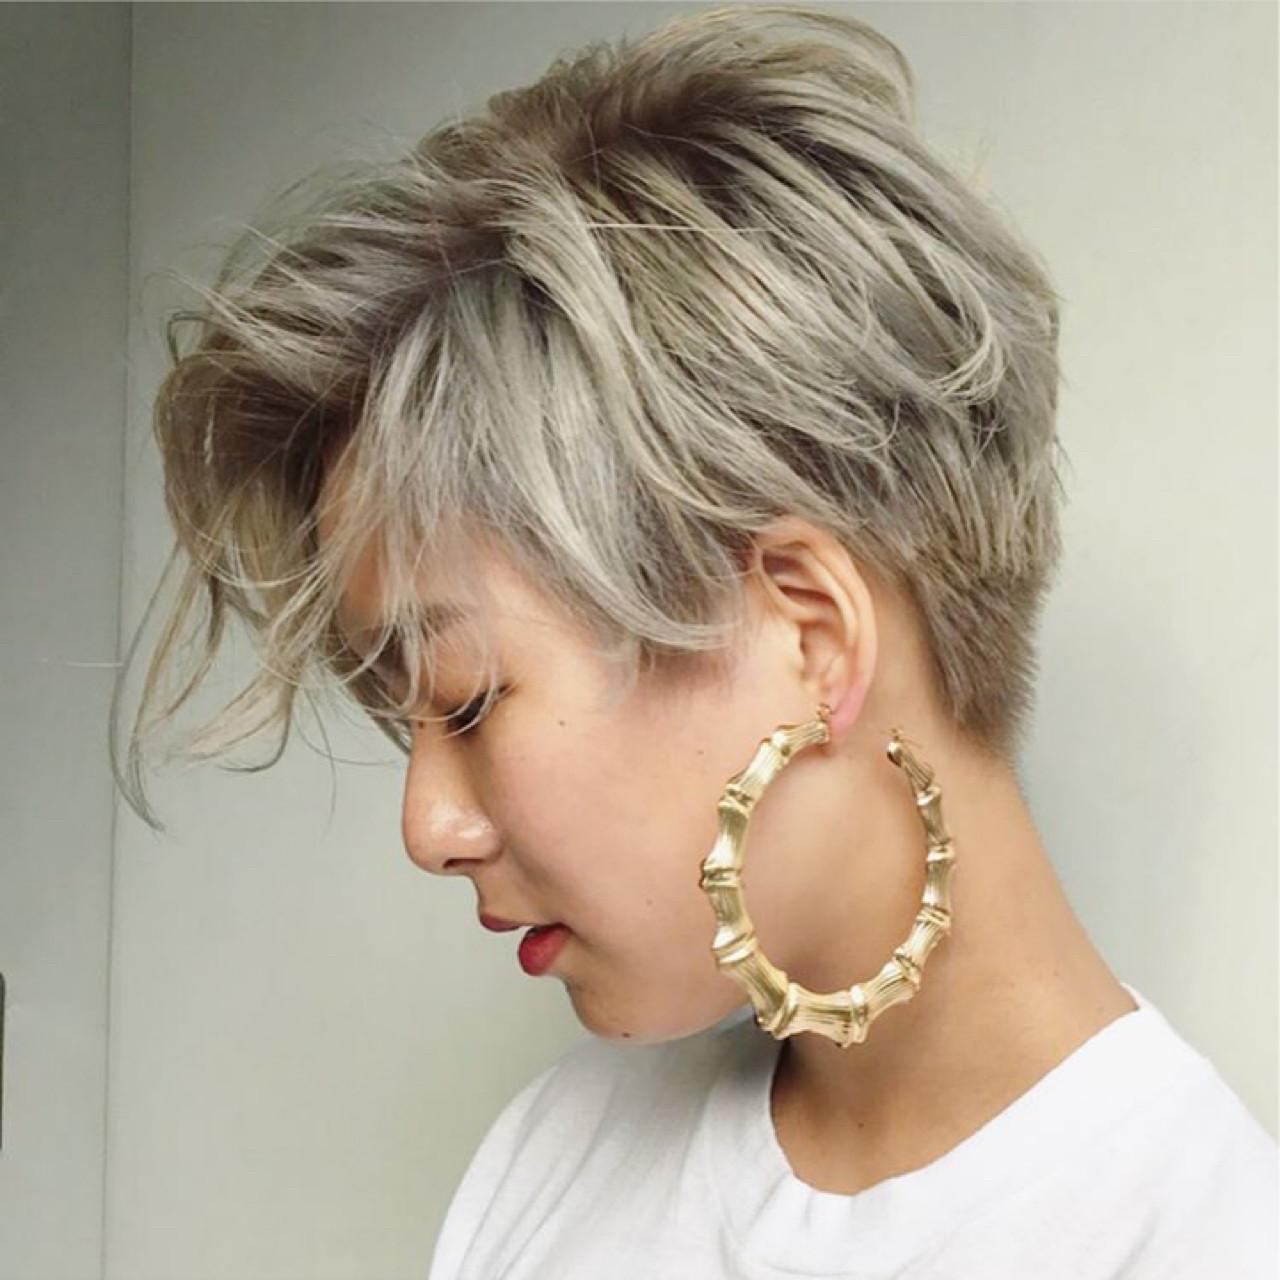 ショート ストリート パーマ ニュアンス ヘアスタイルや髪型の写真・画像